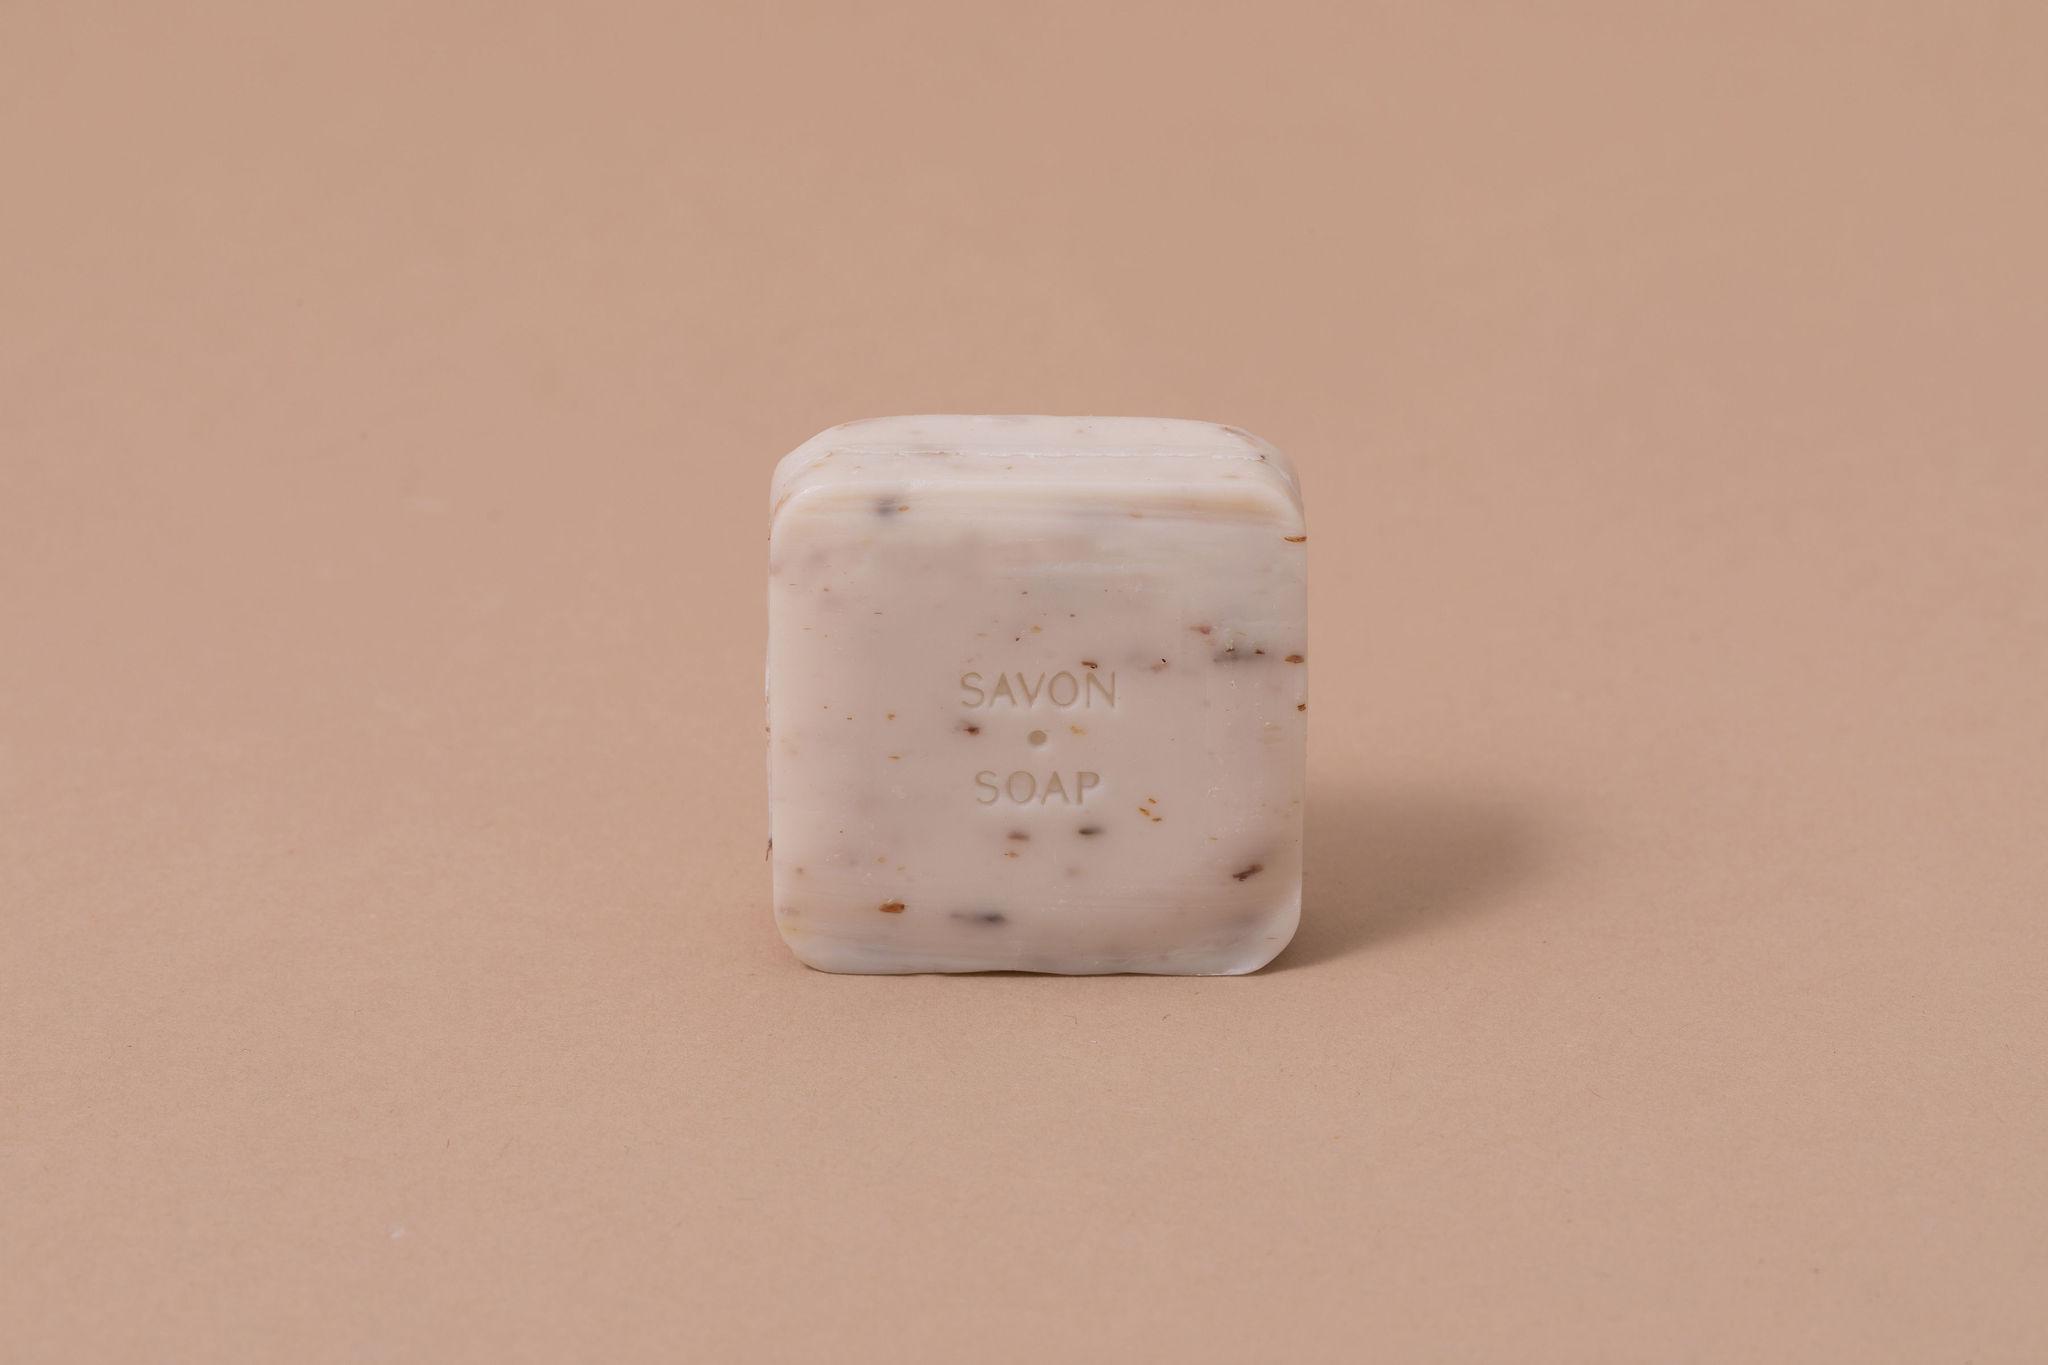 soap-solid-bouquet-nature-2